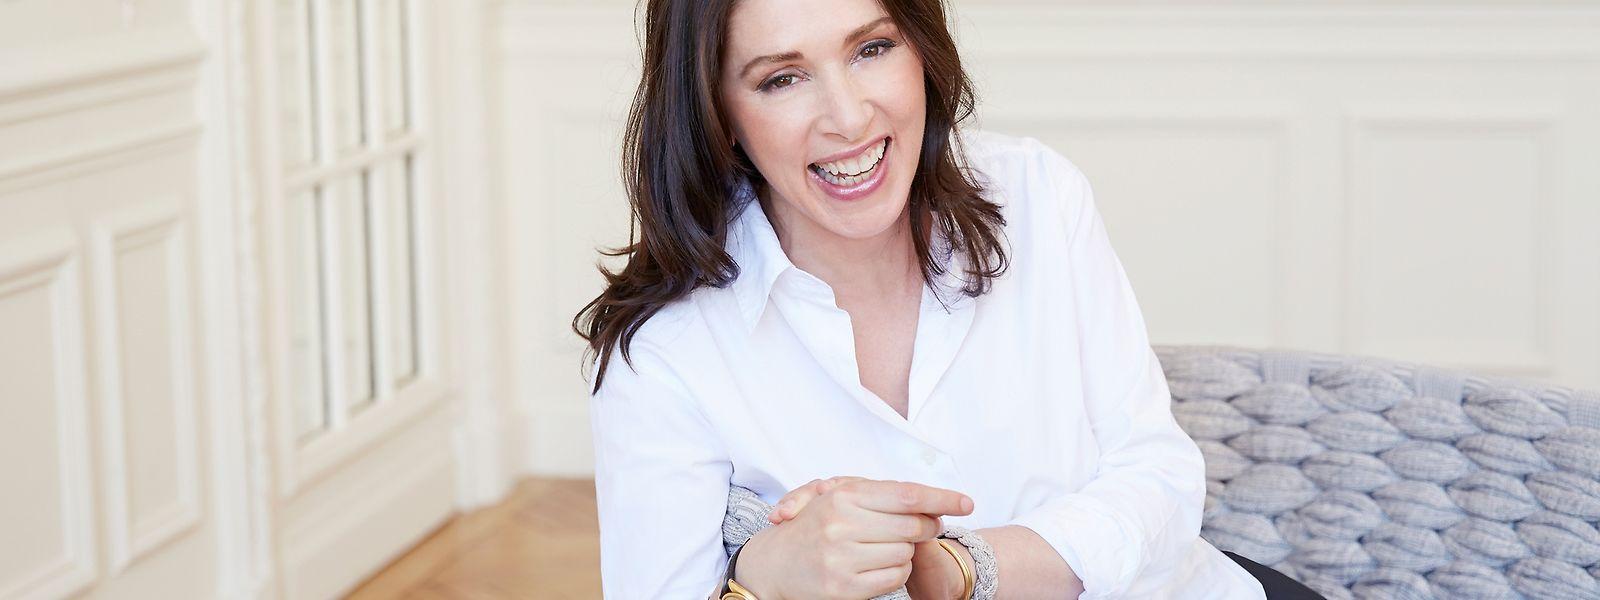 Nicole Stulman ist über ihren kreativen Job in Paris überaus glücklich.